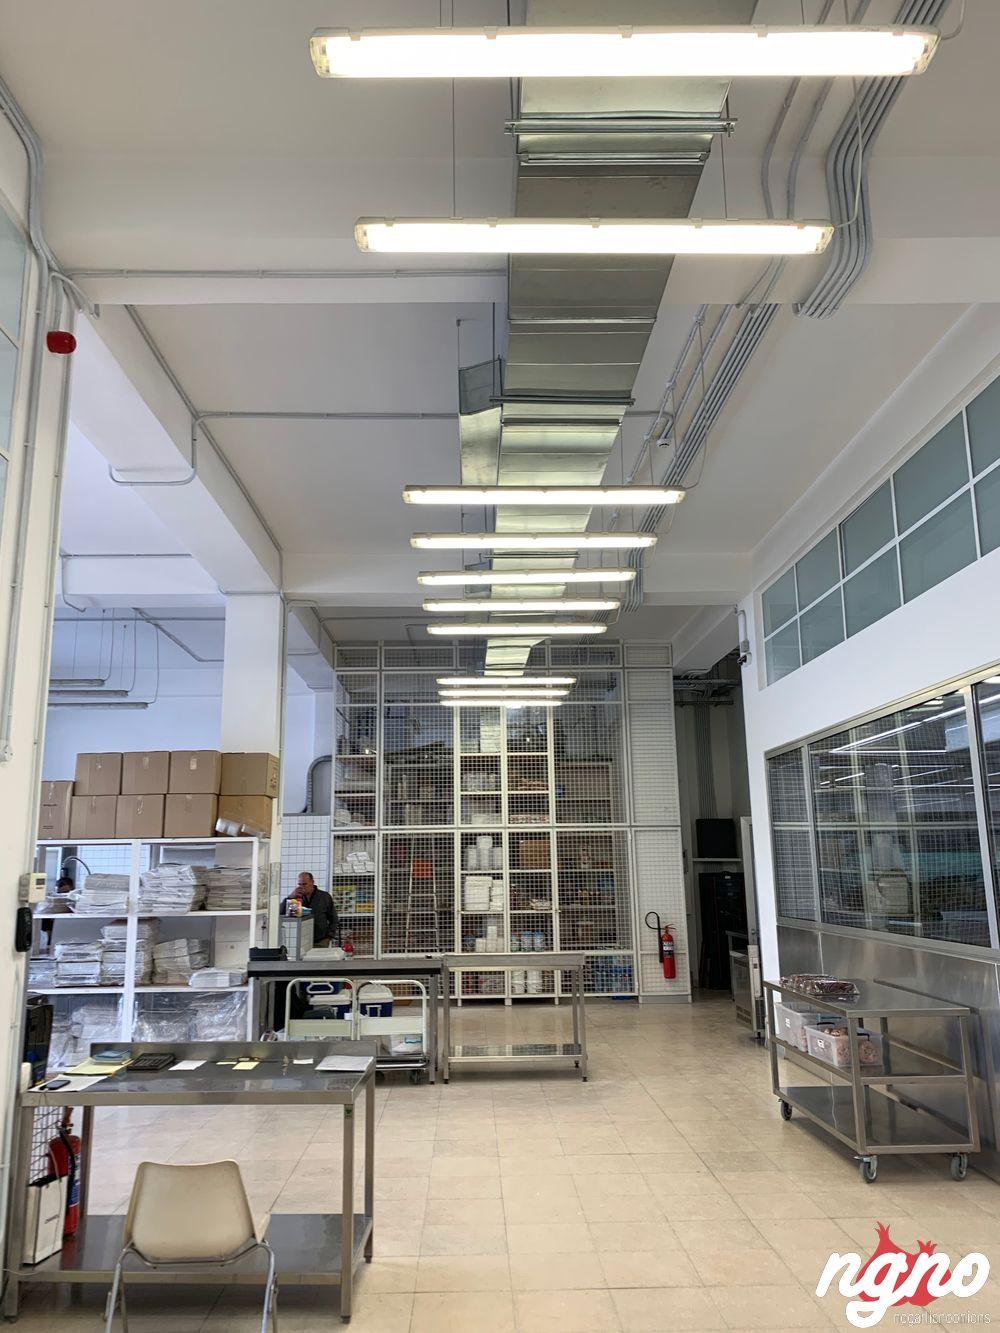 oslo-nogarlicnoonions-352019-03-13-04-31-24